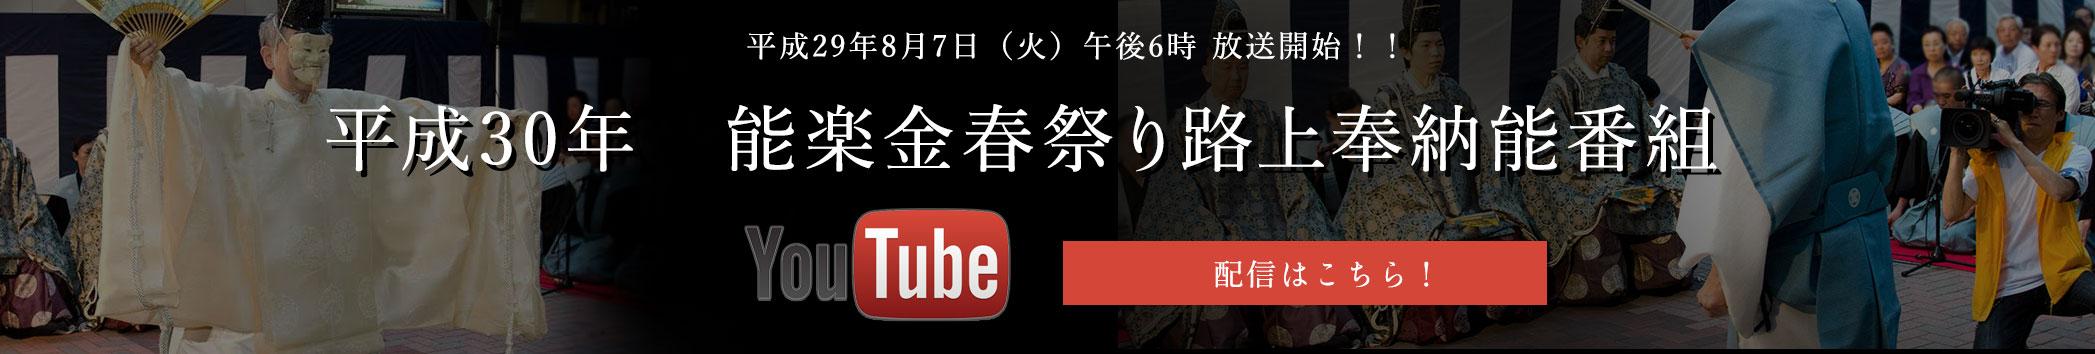 ライブ配信!銀座金春祭り「路上奉納能2017」